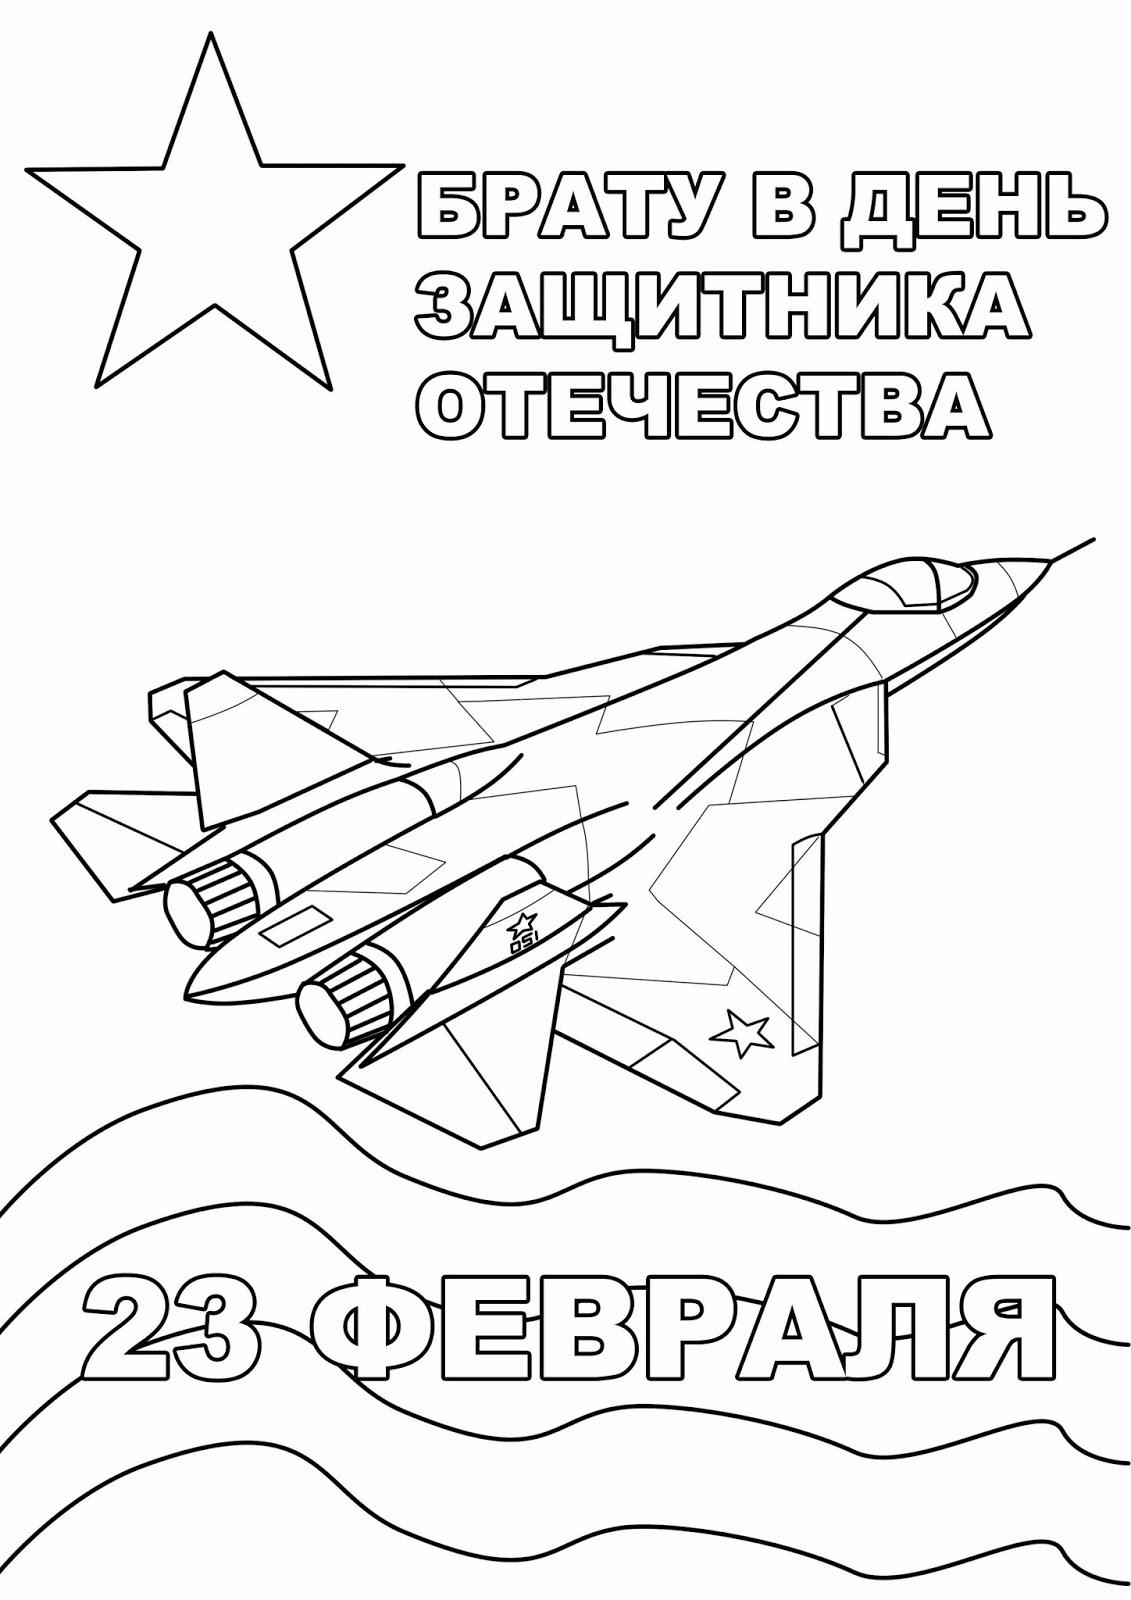 Распечатать открытку 23